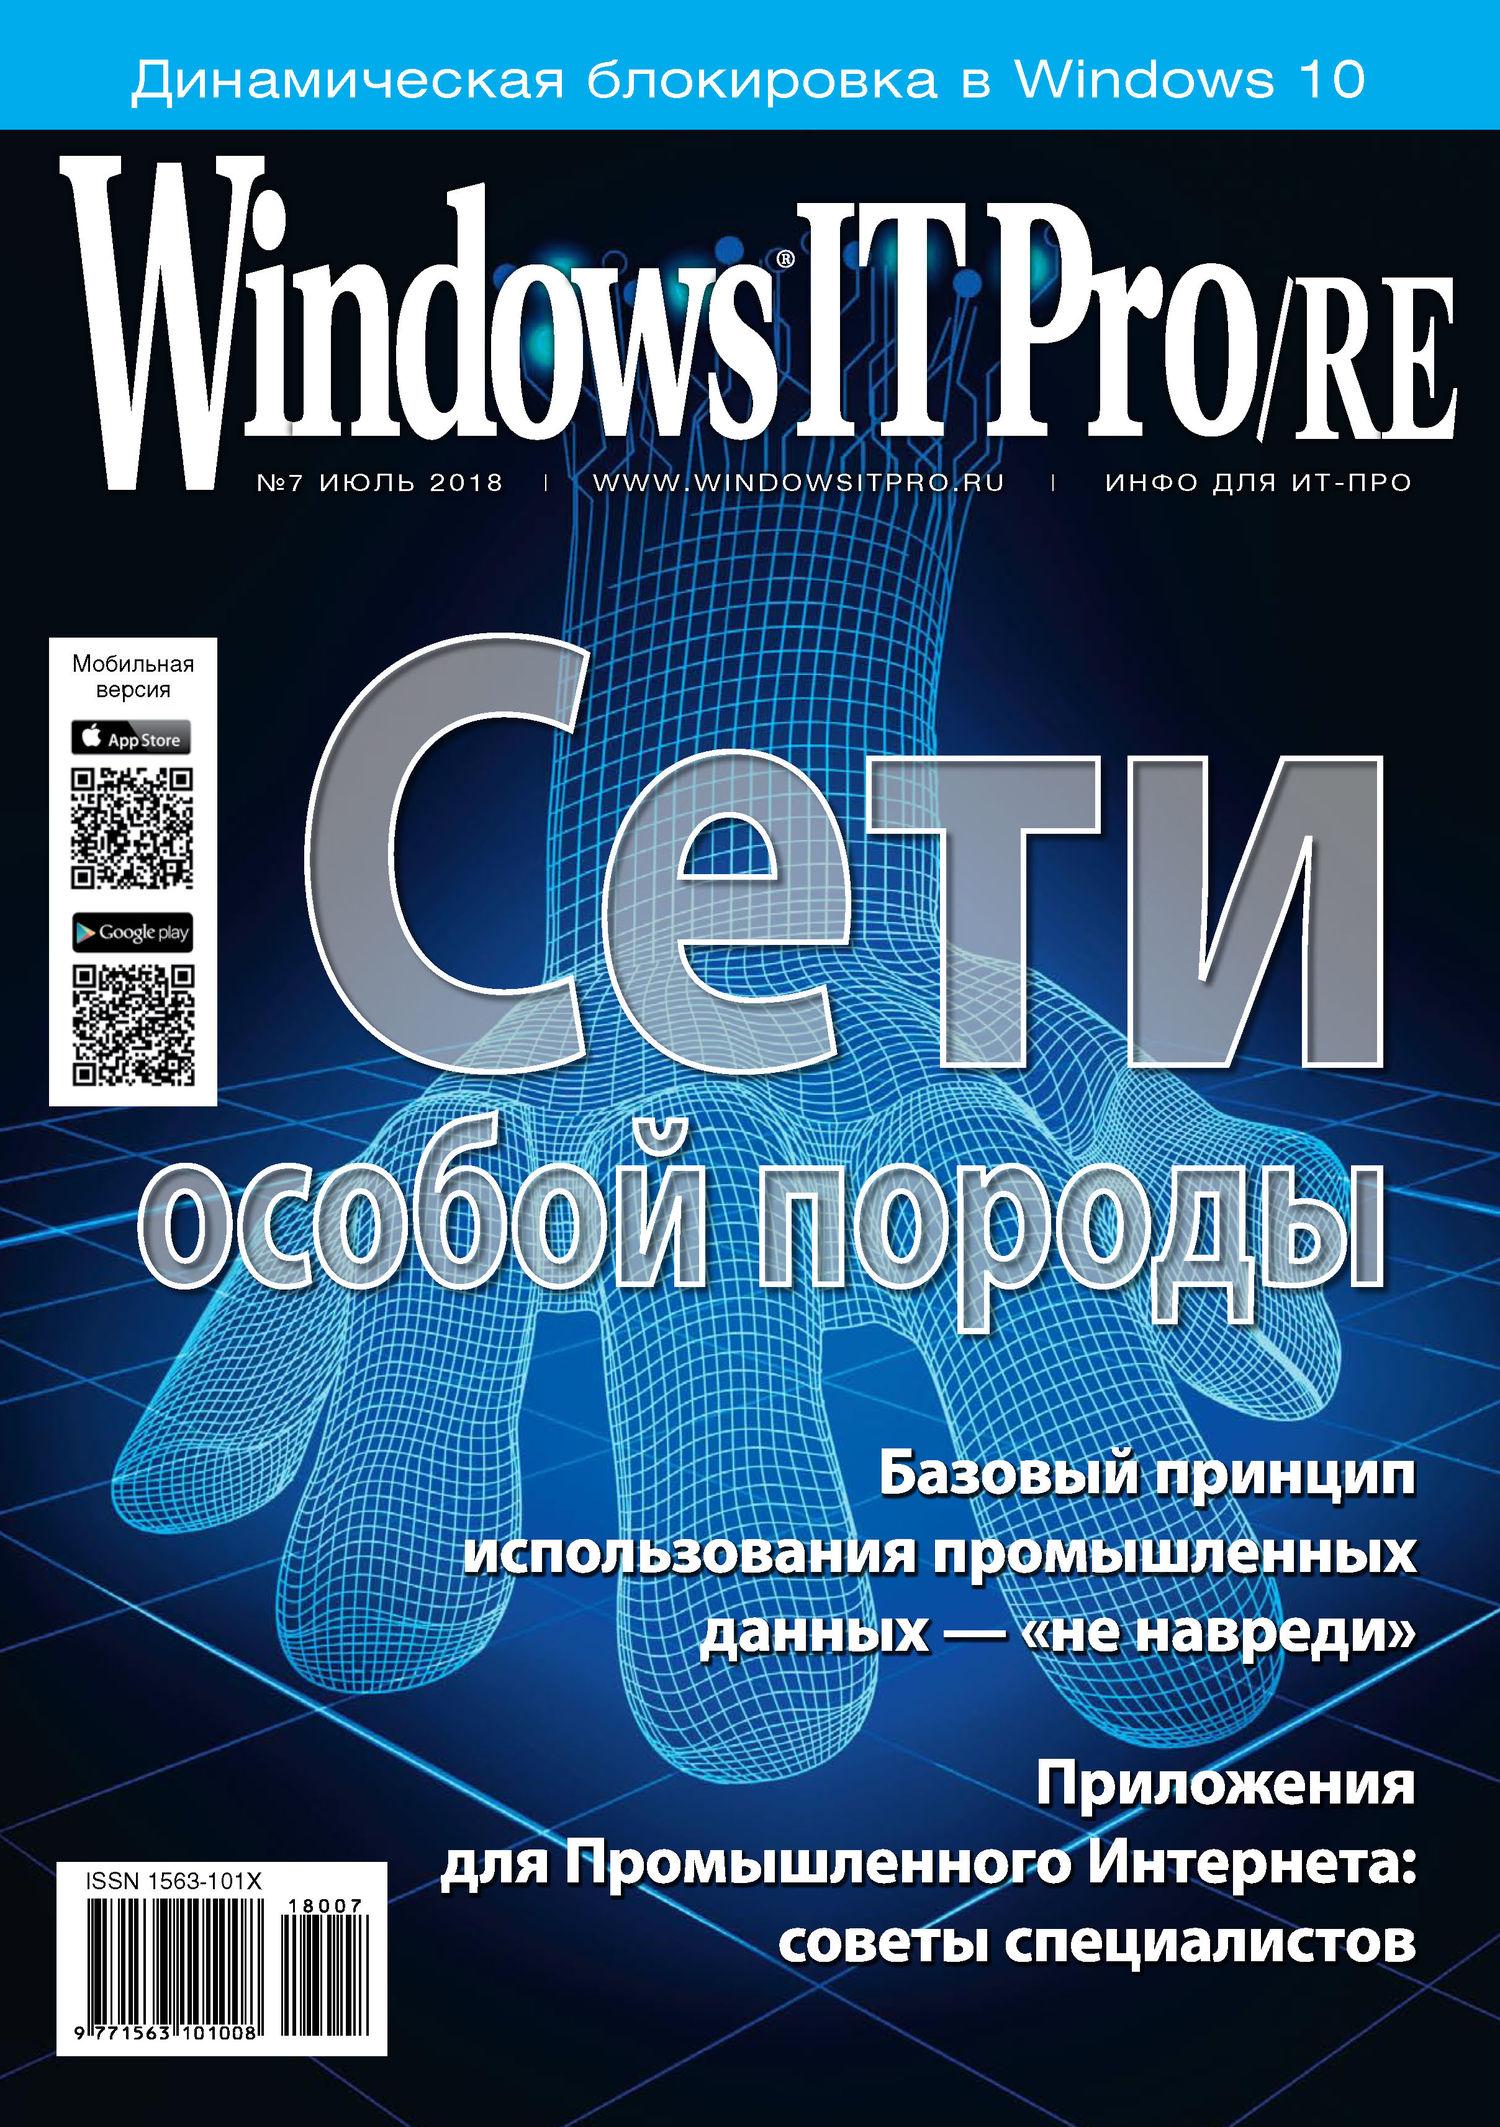 Windows IT Pro/RE №07/2018